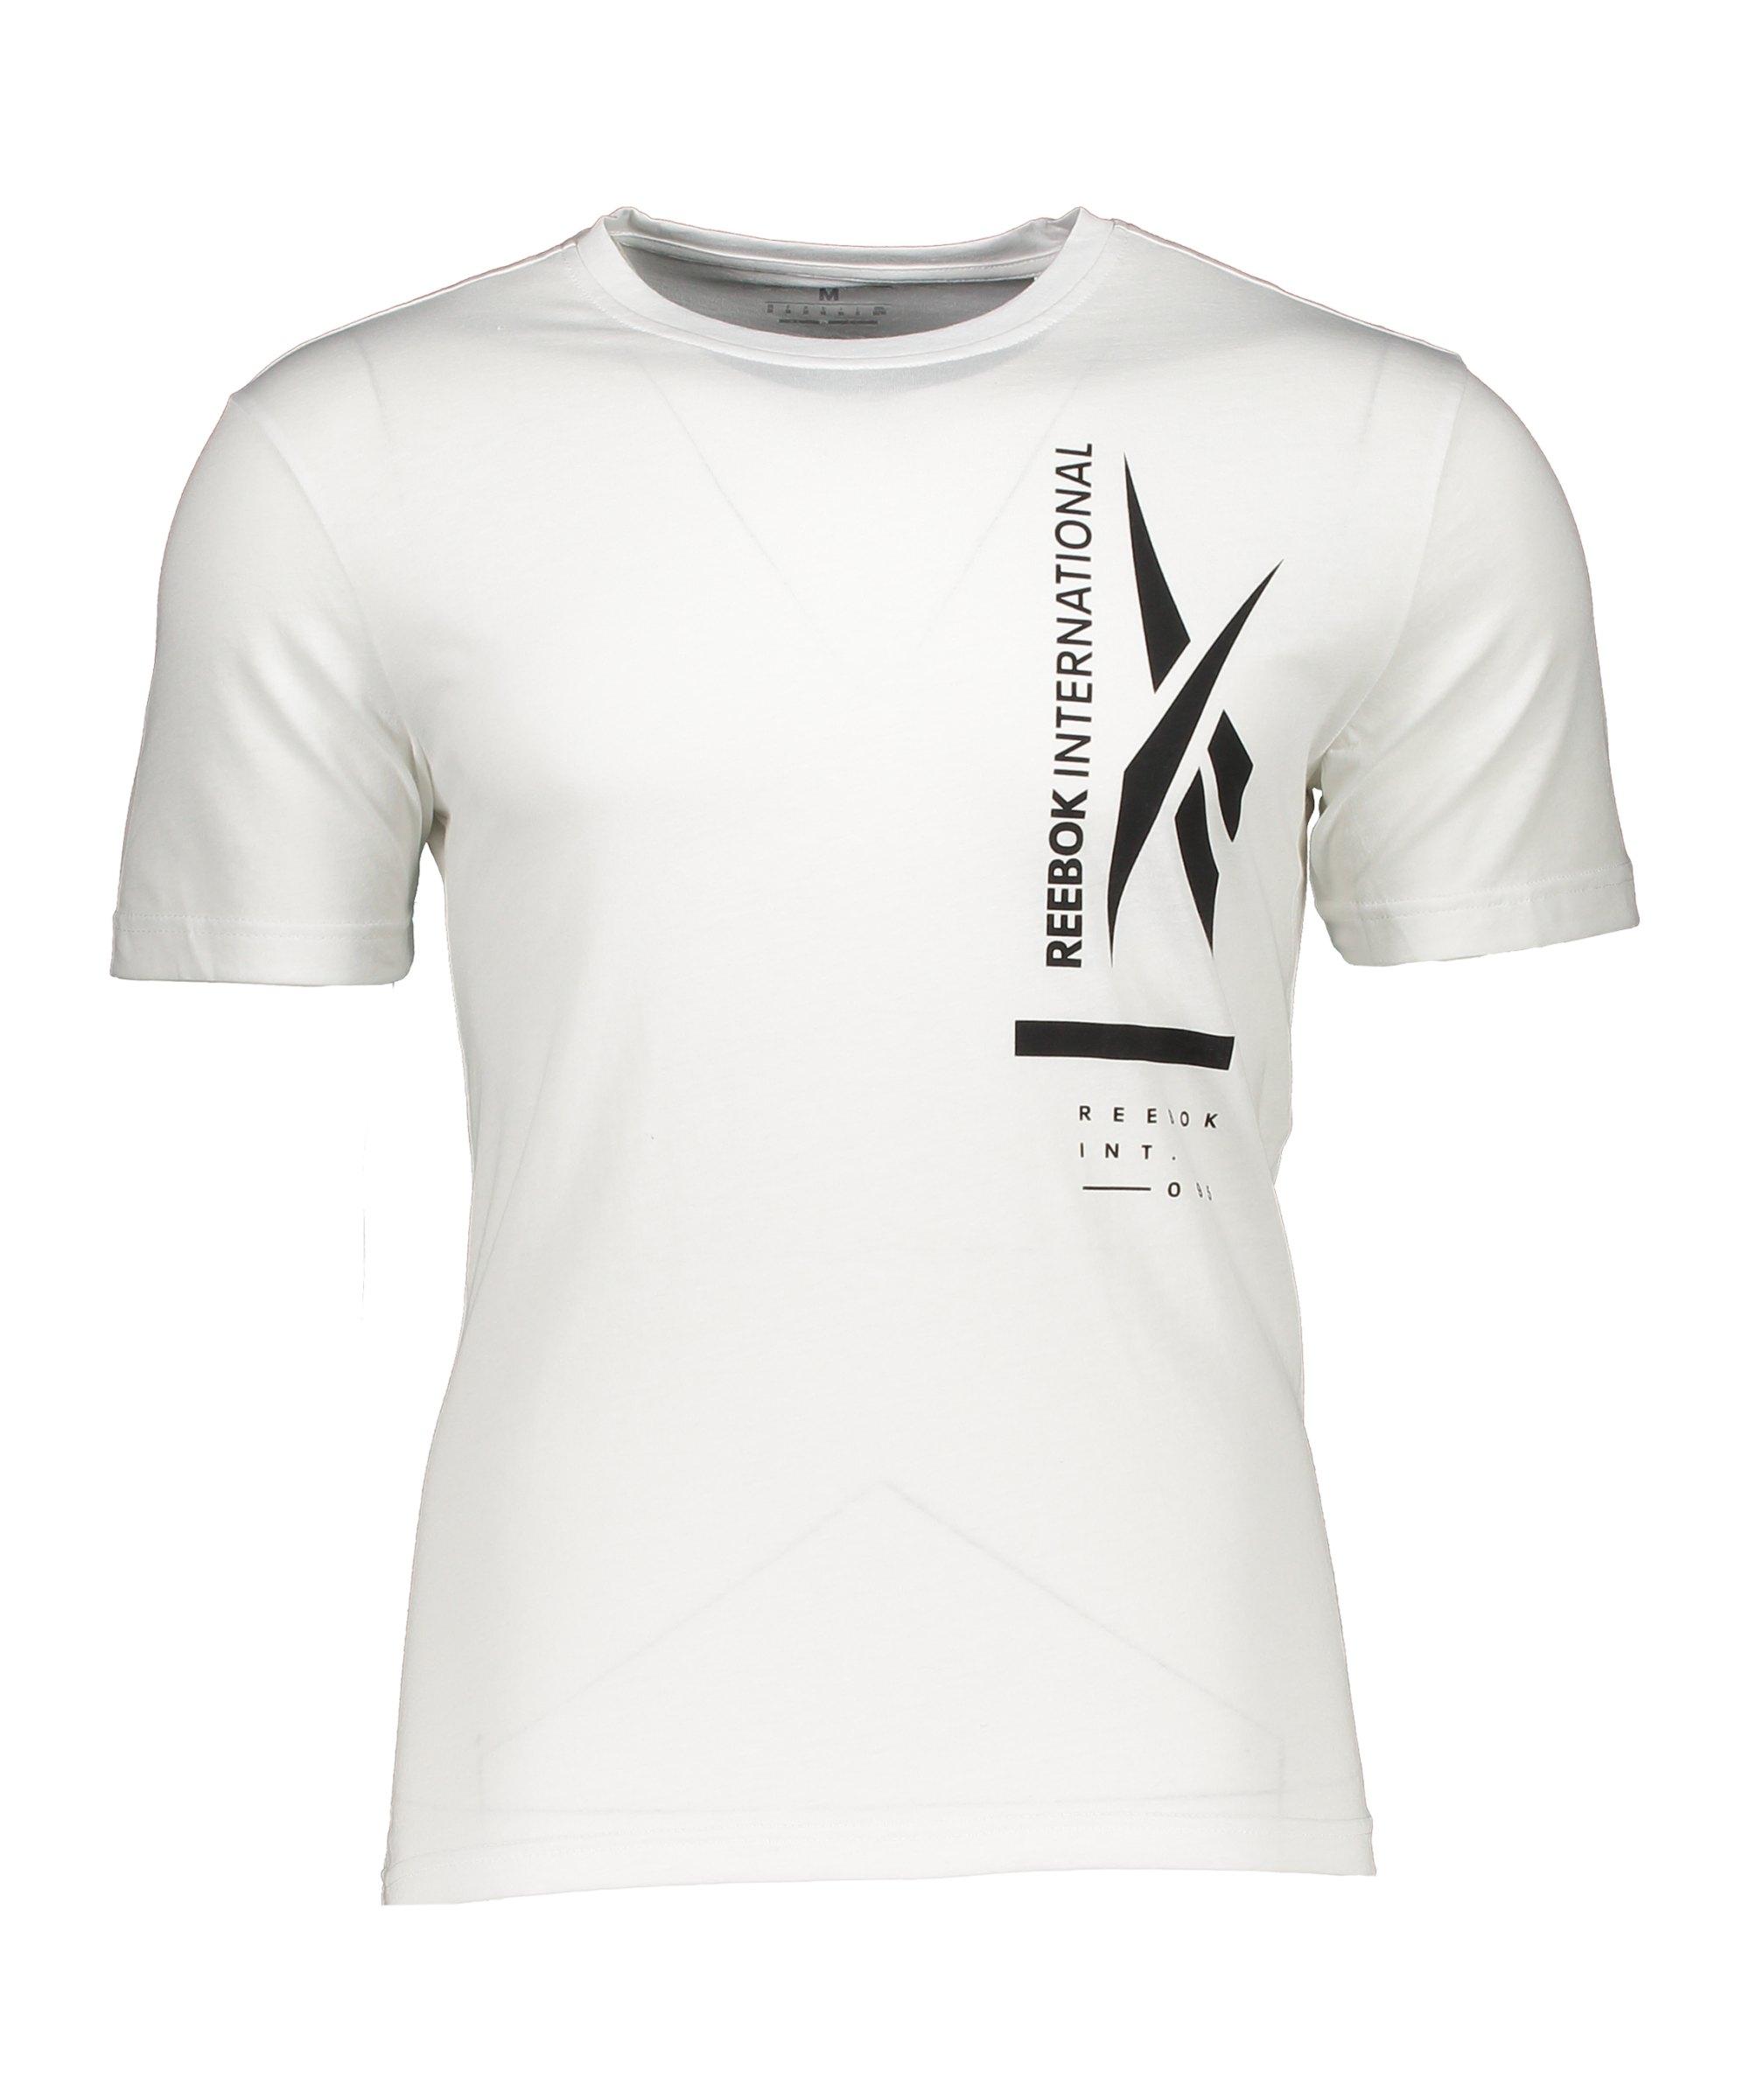 Reebok TS Graphic T-Shirt Weiss - weiss